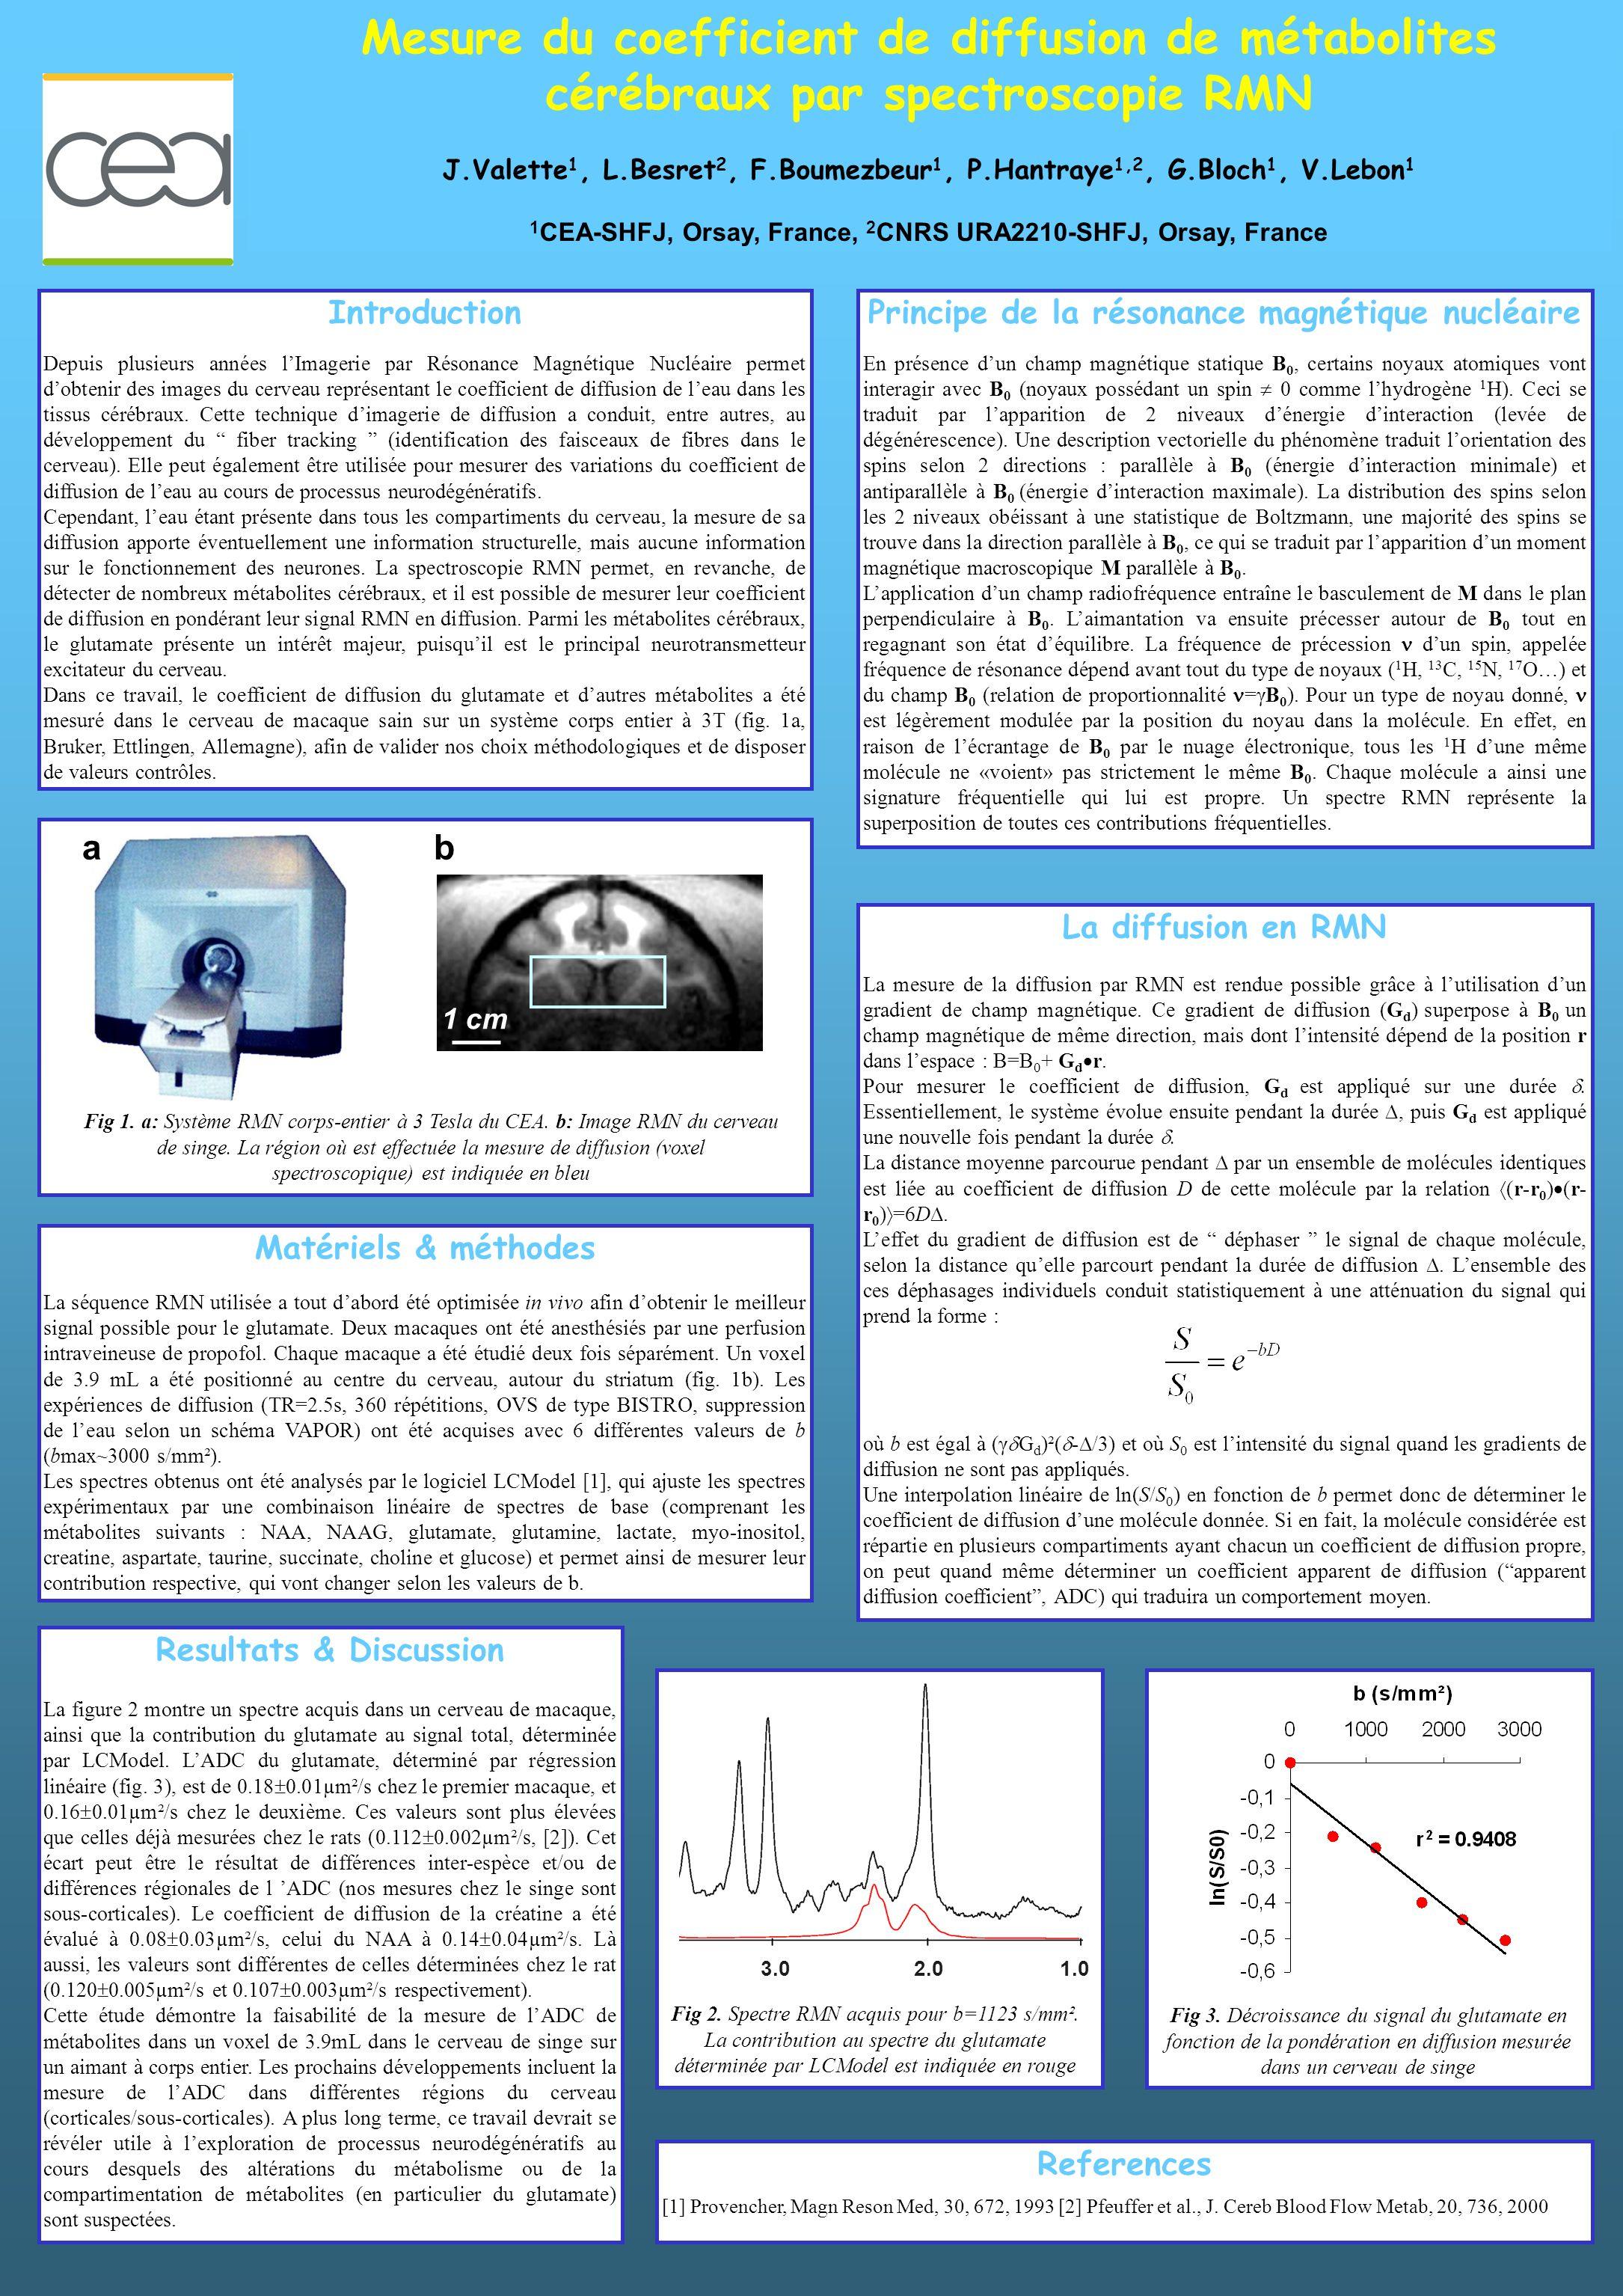 Principe de la résonance magnétique nucléaire Resultats & Discussion